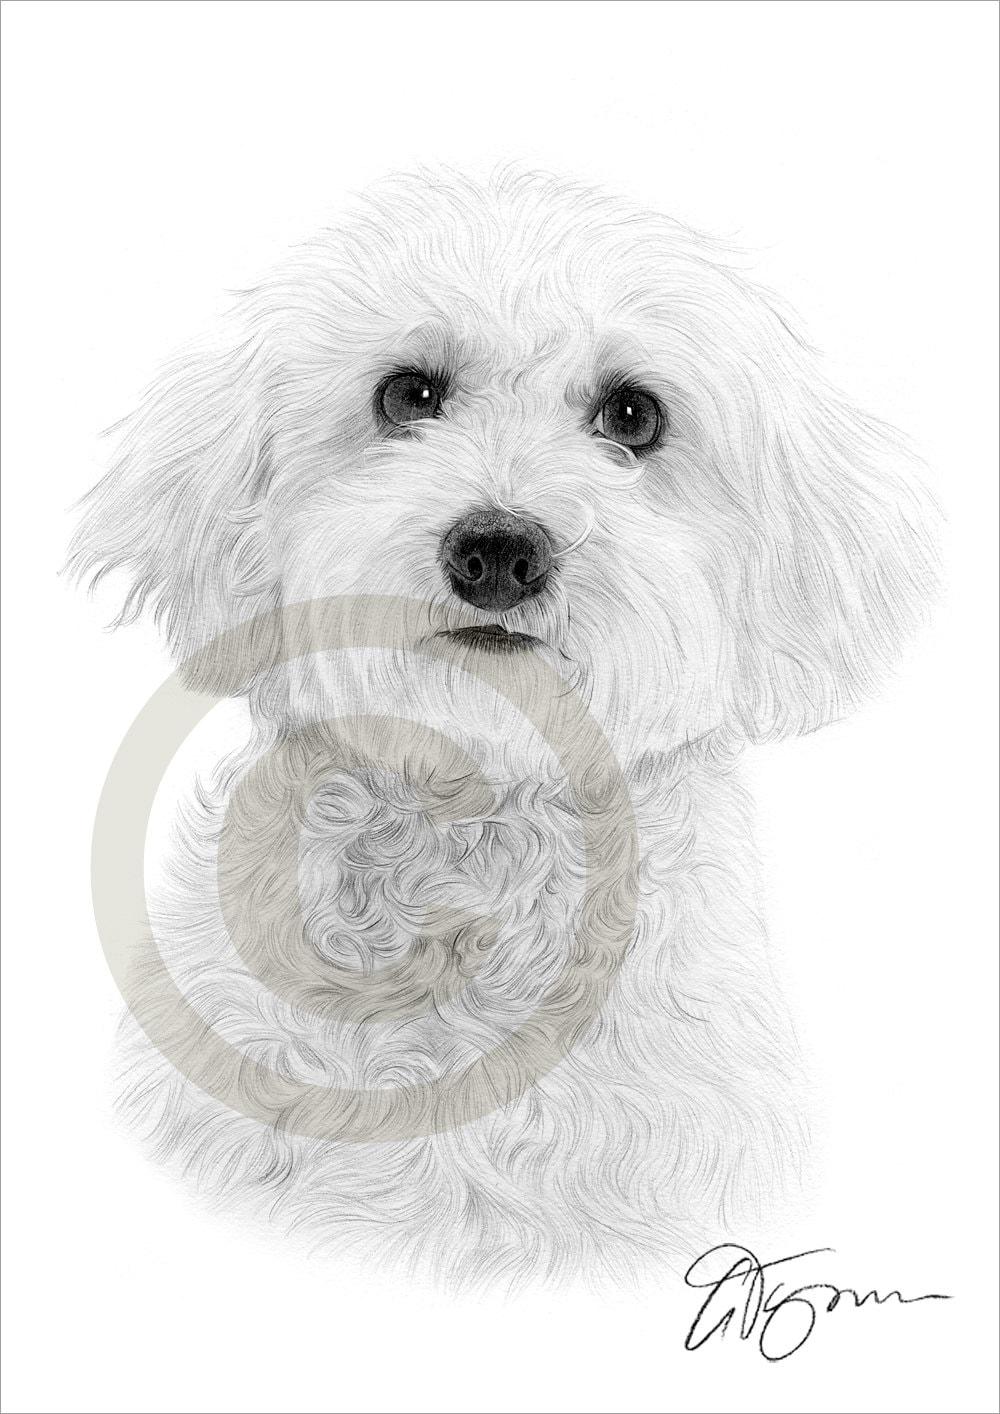 Toy Dog Bichon Frise Pencil Drawing Print A4 Size Artwork